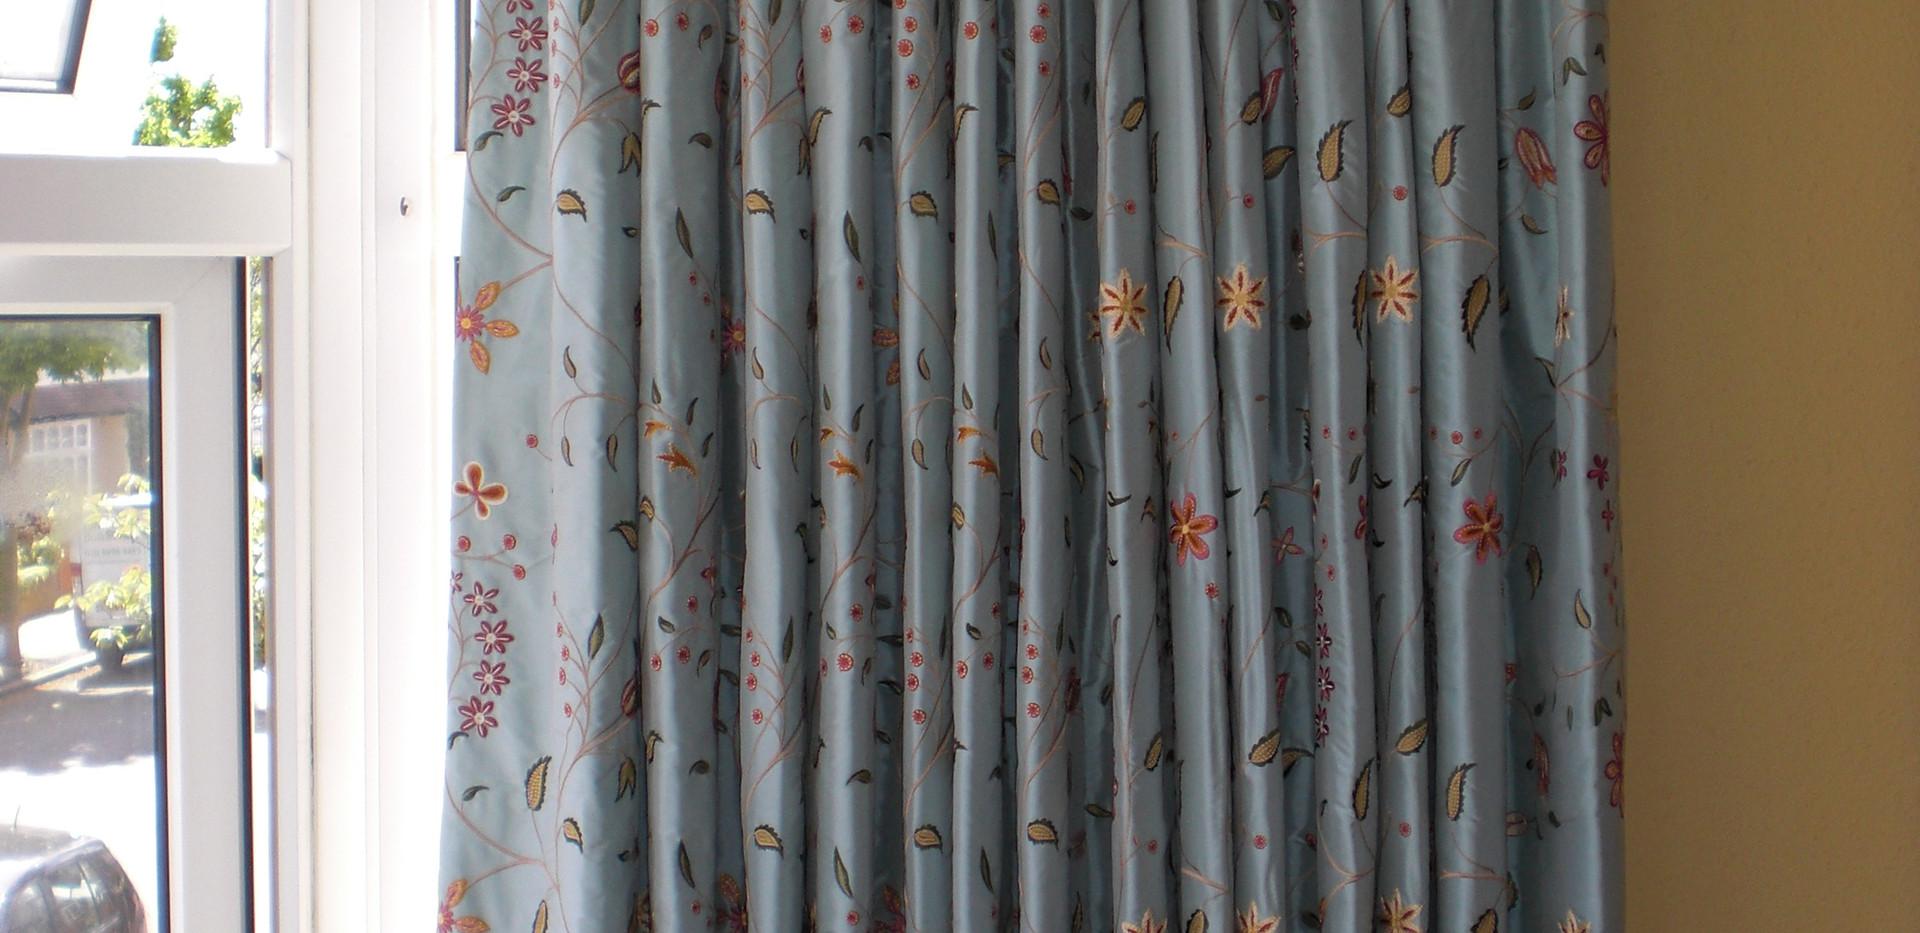 curtains 232.jpg